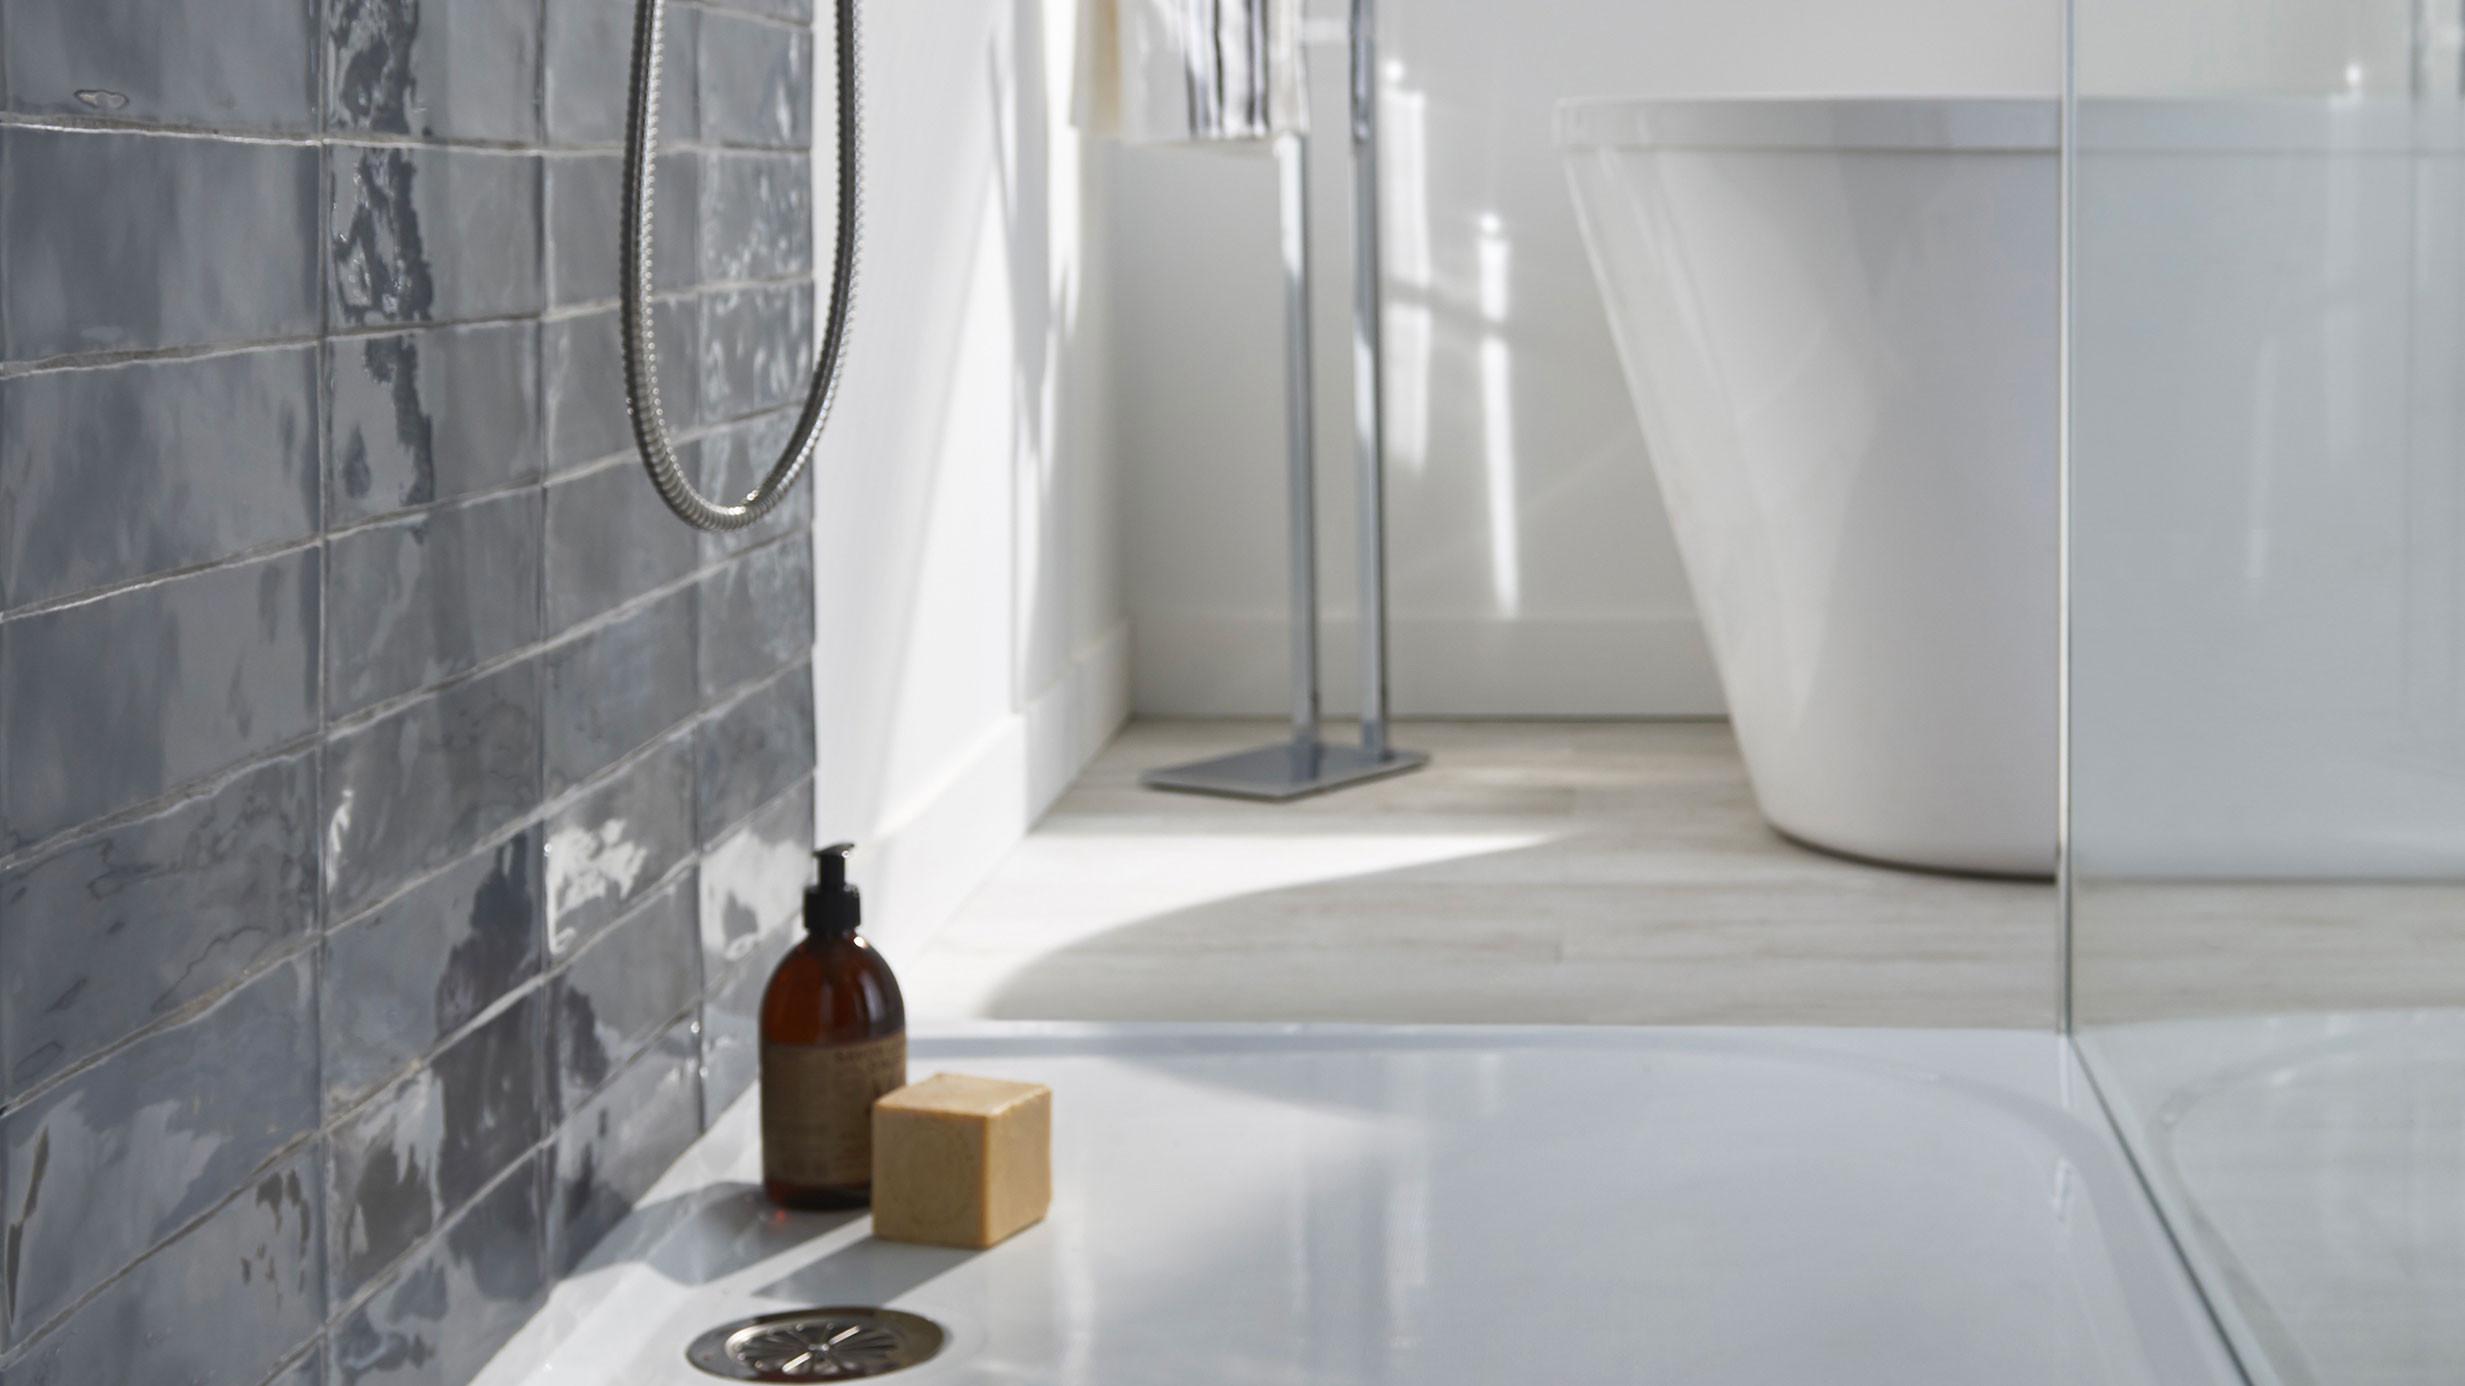 comment blanchir les joints de salle de bain m6 deco fr